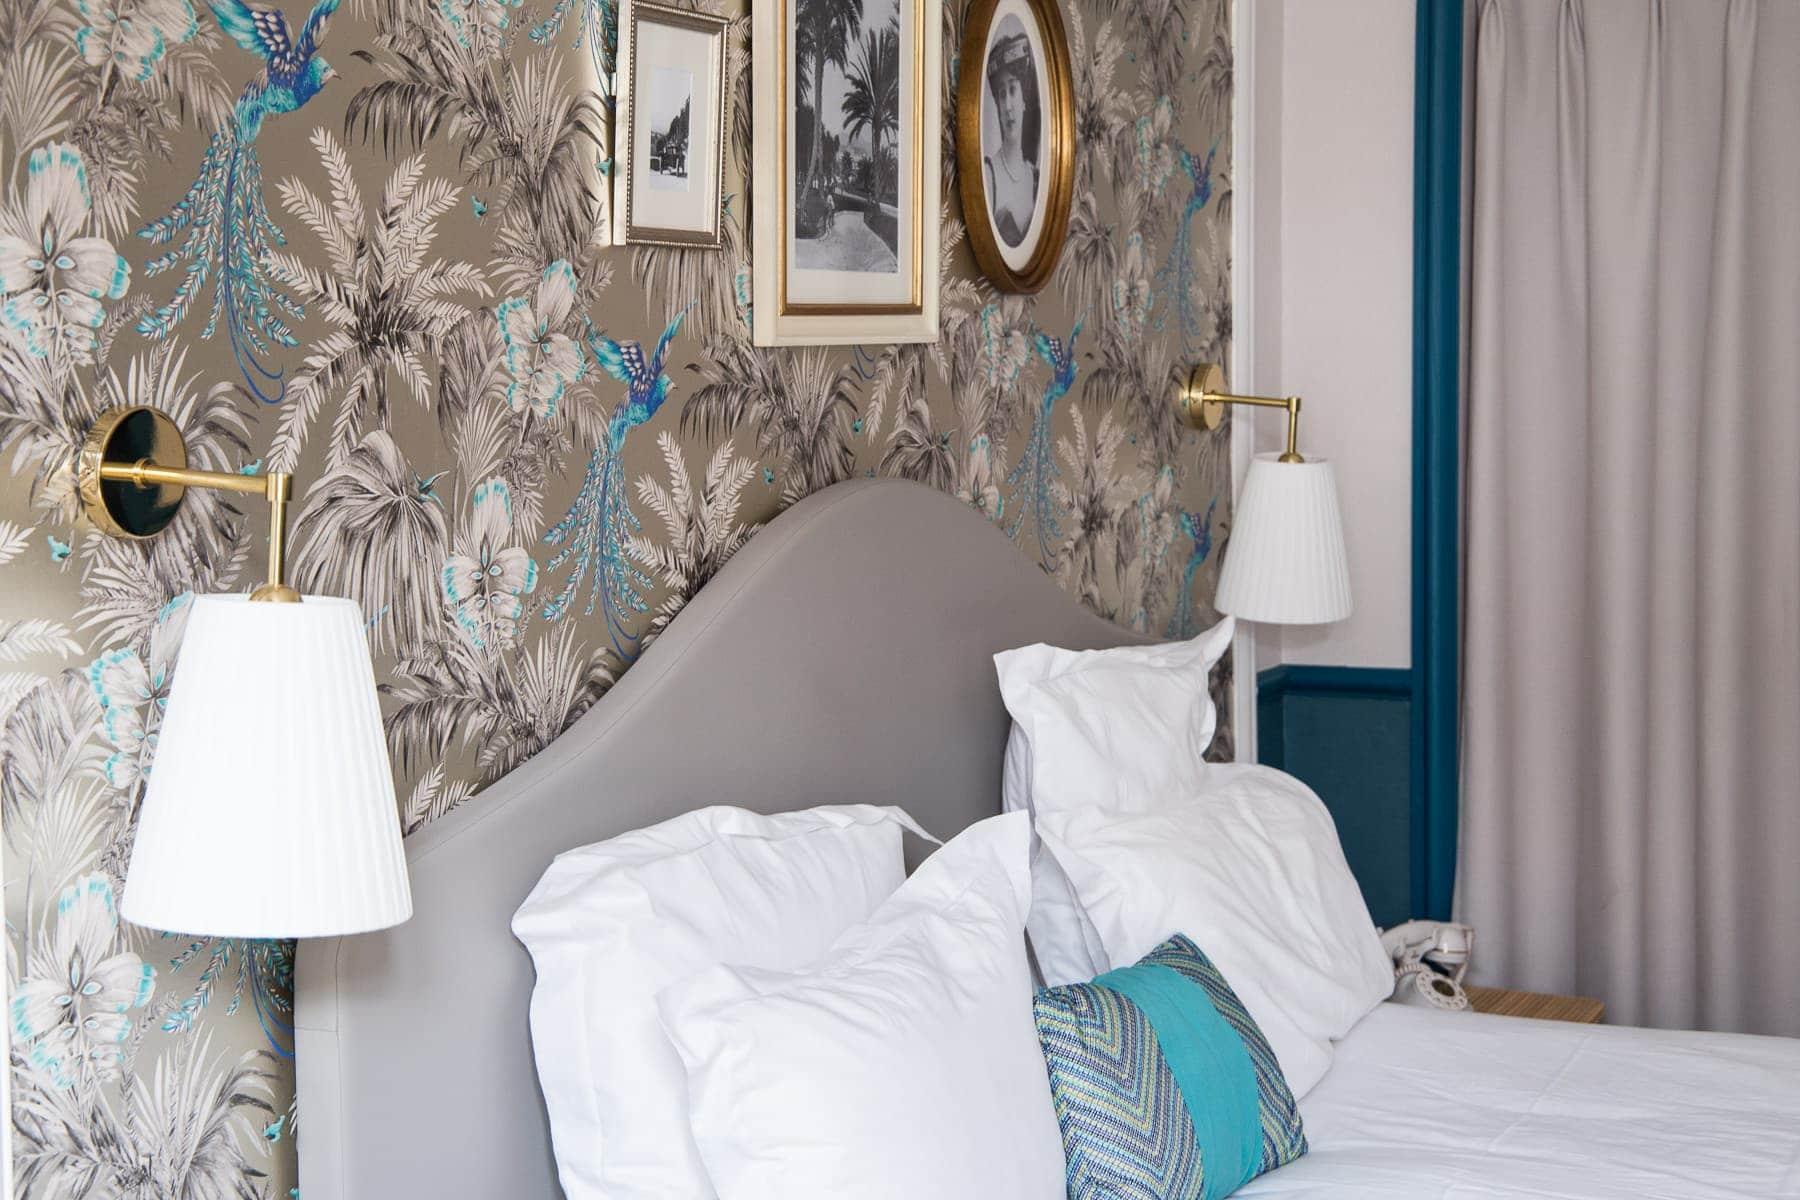 Bezahlbares 4-Sterne-Hotel im Zentrum von Nizza: Villa Otero